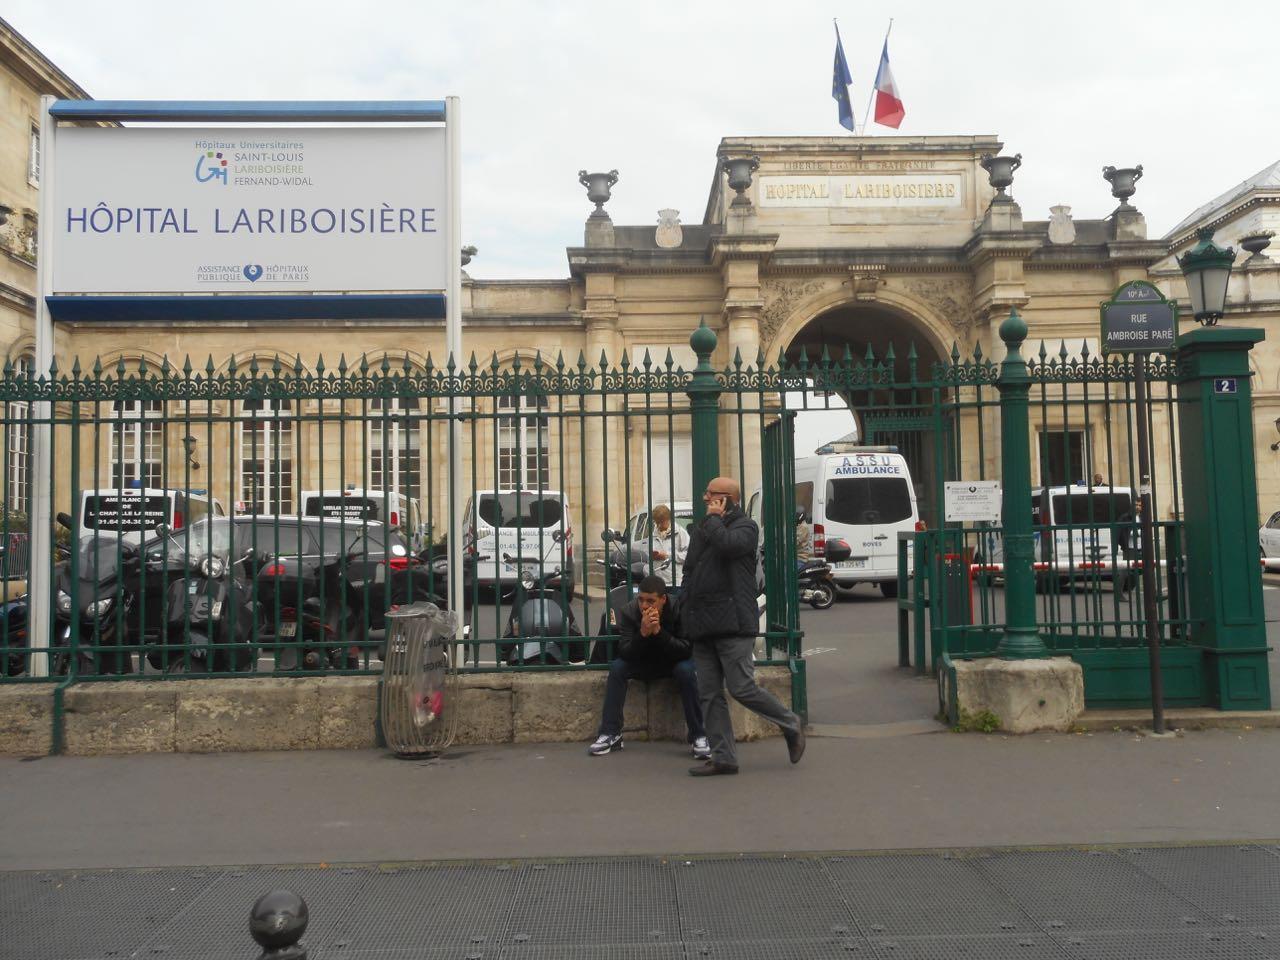 Hôpital Lariboisière escn0476.jpg